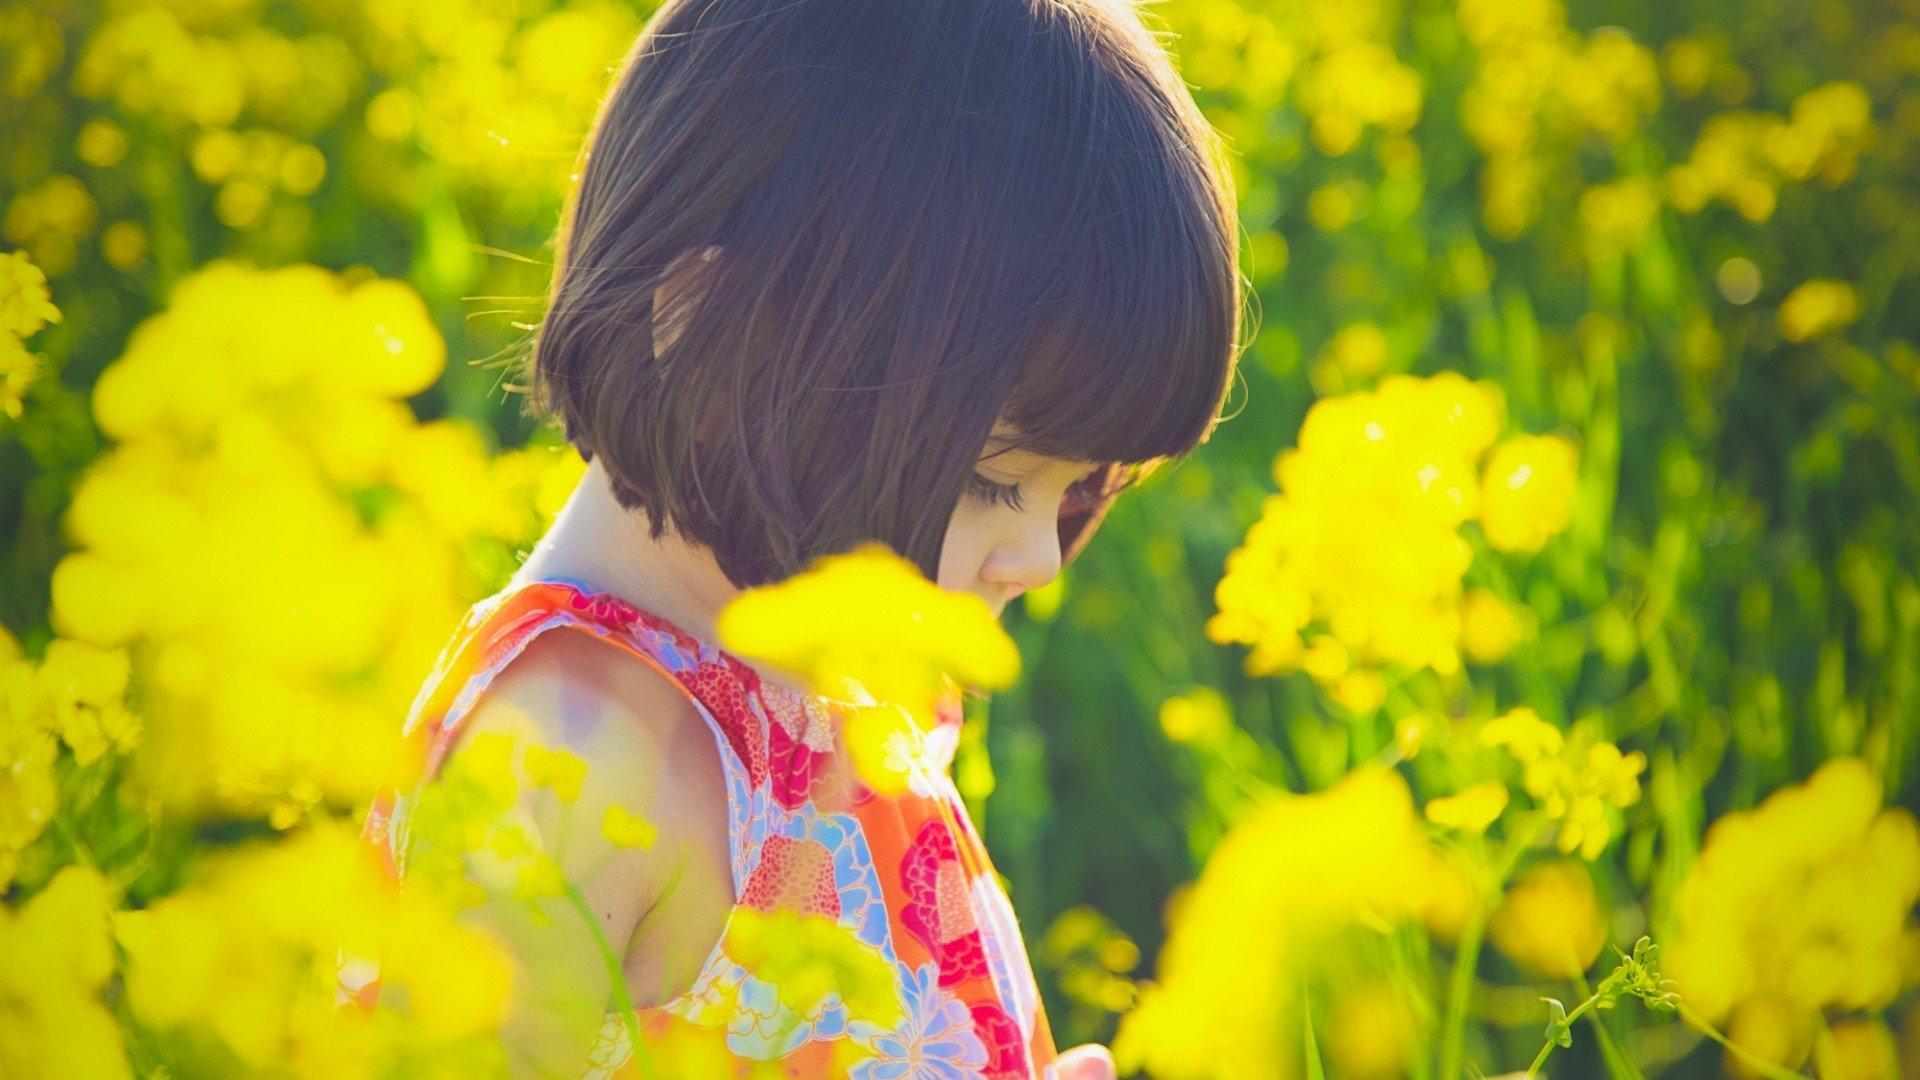 children-beautiful-yellow-flower-cute-girl-beauty-y80w